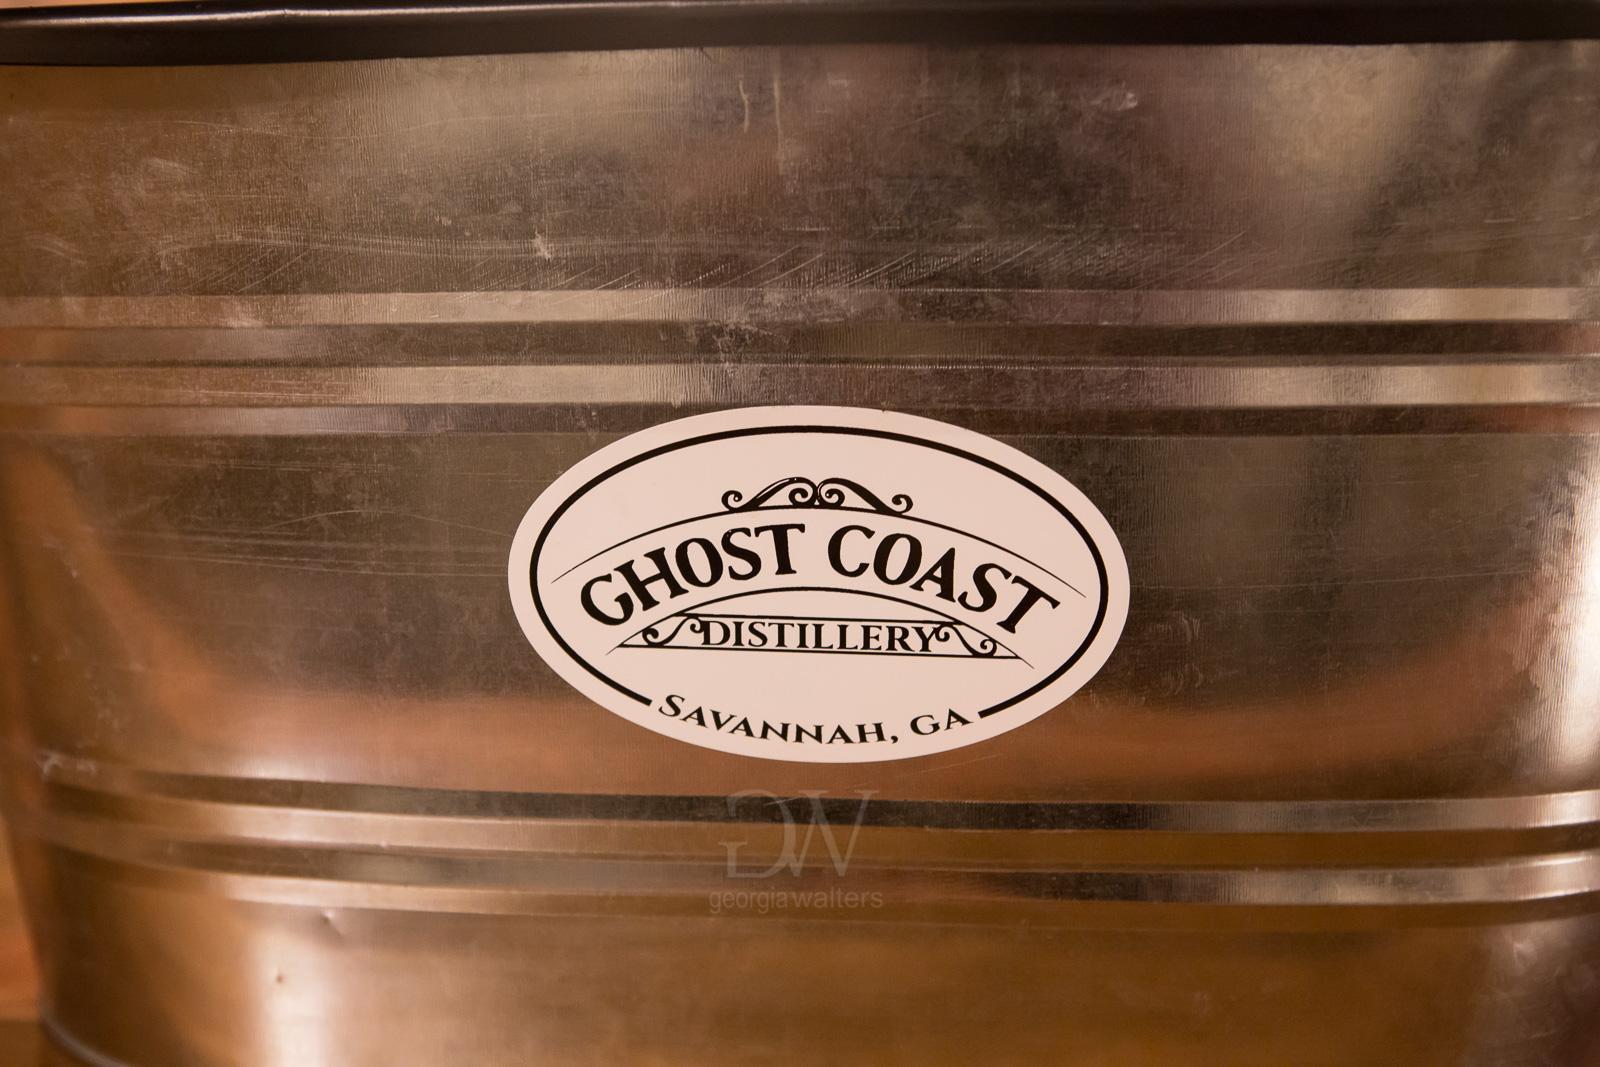 GhostCoast-3580.jpg